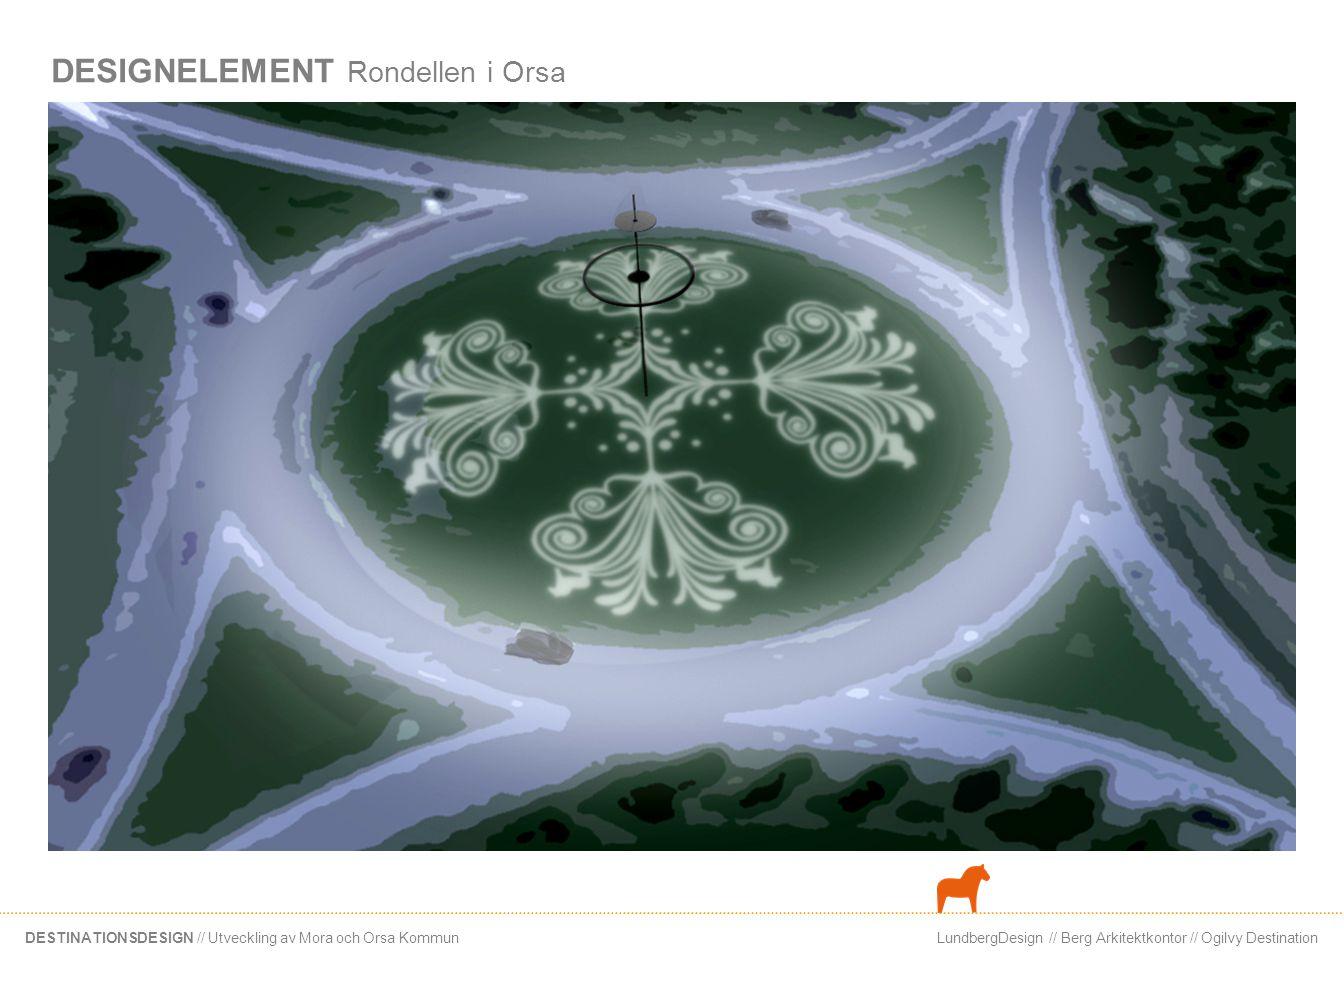 LundbergDesign // Berg Arkitektkontor // Ogilvy DestinationDESTINATIONSDESIGN // Utveckling av Mora och Orsa Kommun DESIGNELEMENT Järnvägsgatan i Orsa Raster förtätar gatubilden Järnvägsgatan har förlorat sin karraktär av stadsgata.